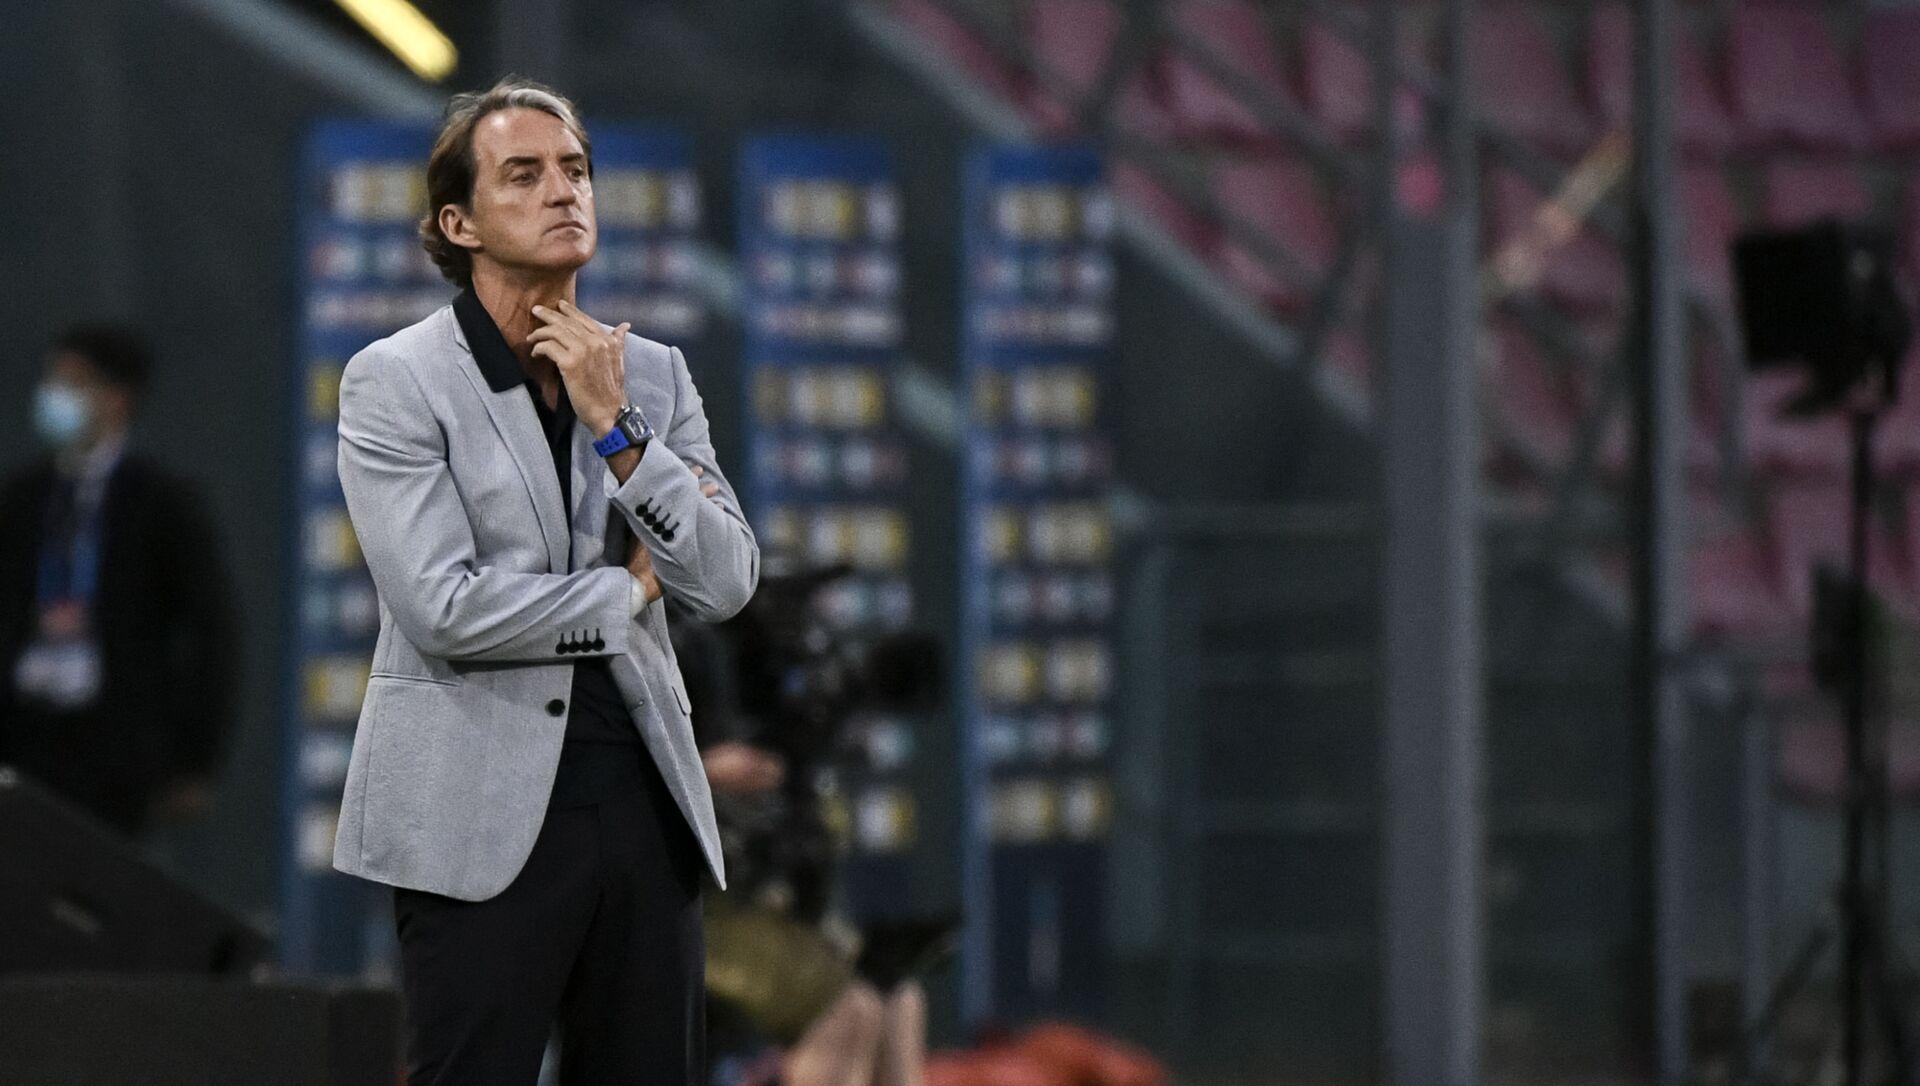 Huấn luyện viên trưởng đội tuyển quốc gia Ý Roberto Mancini - Sputnik Việt Nam, 1920, 08.06.2021